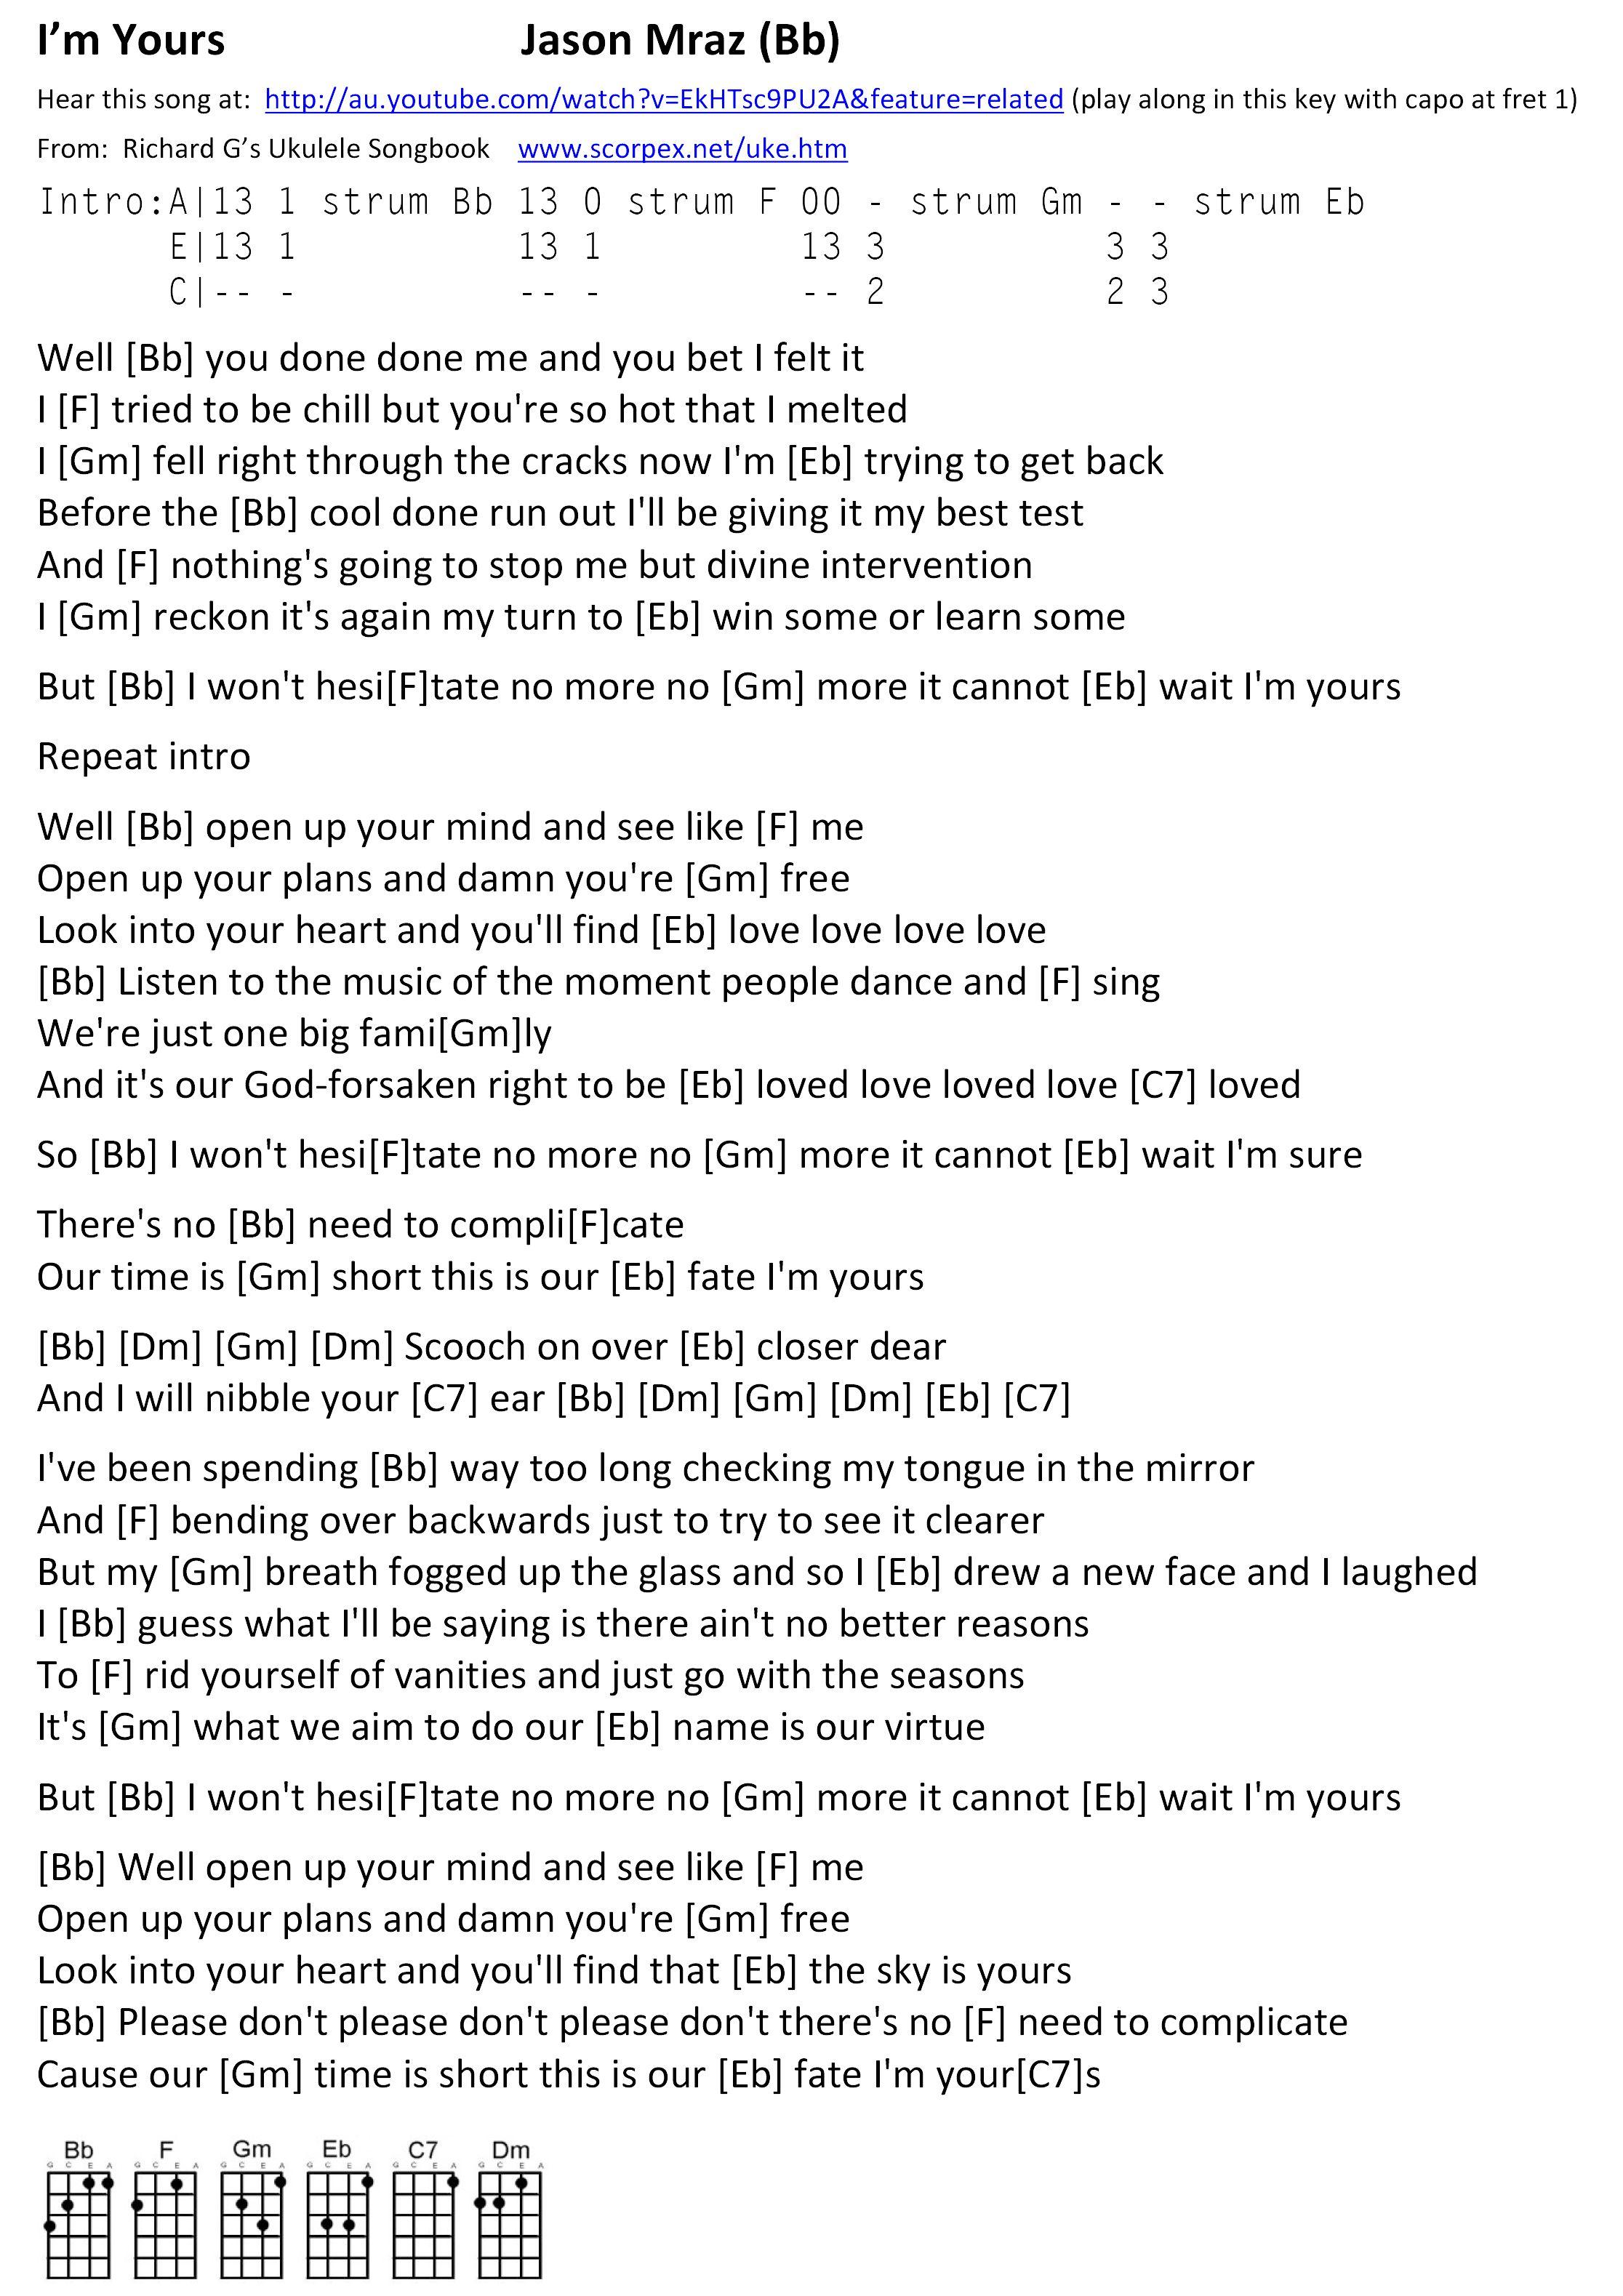 im your by jason mraz chords amp lyrics for ukulele in b